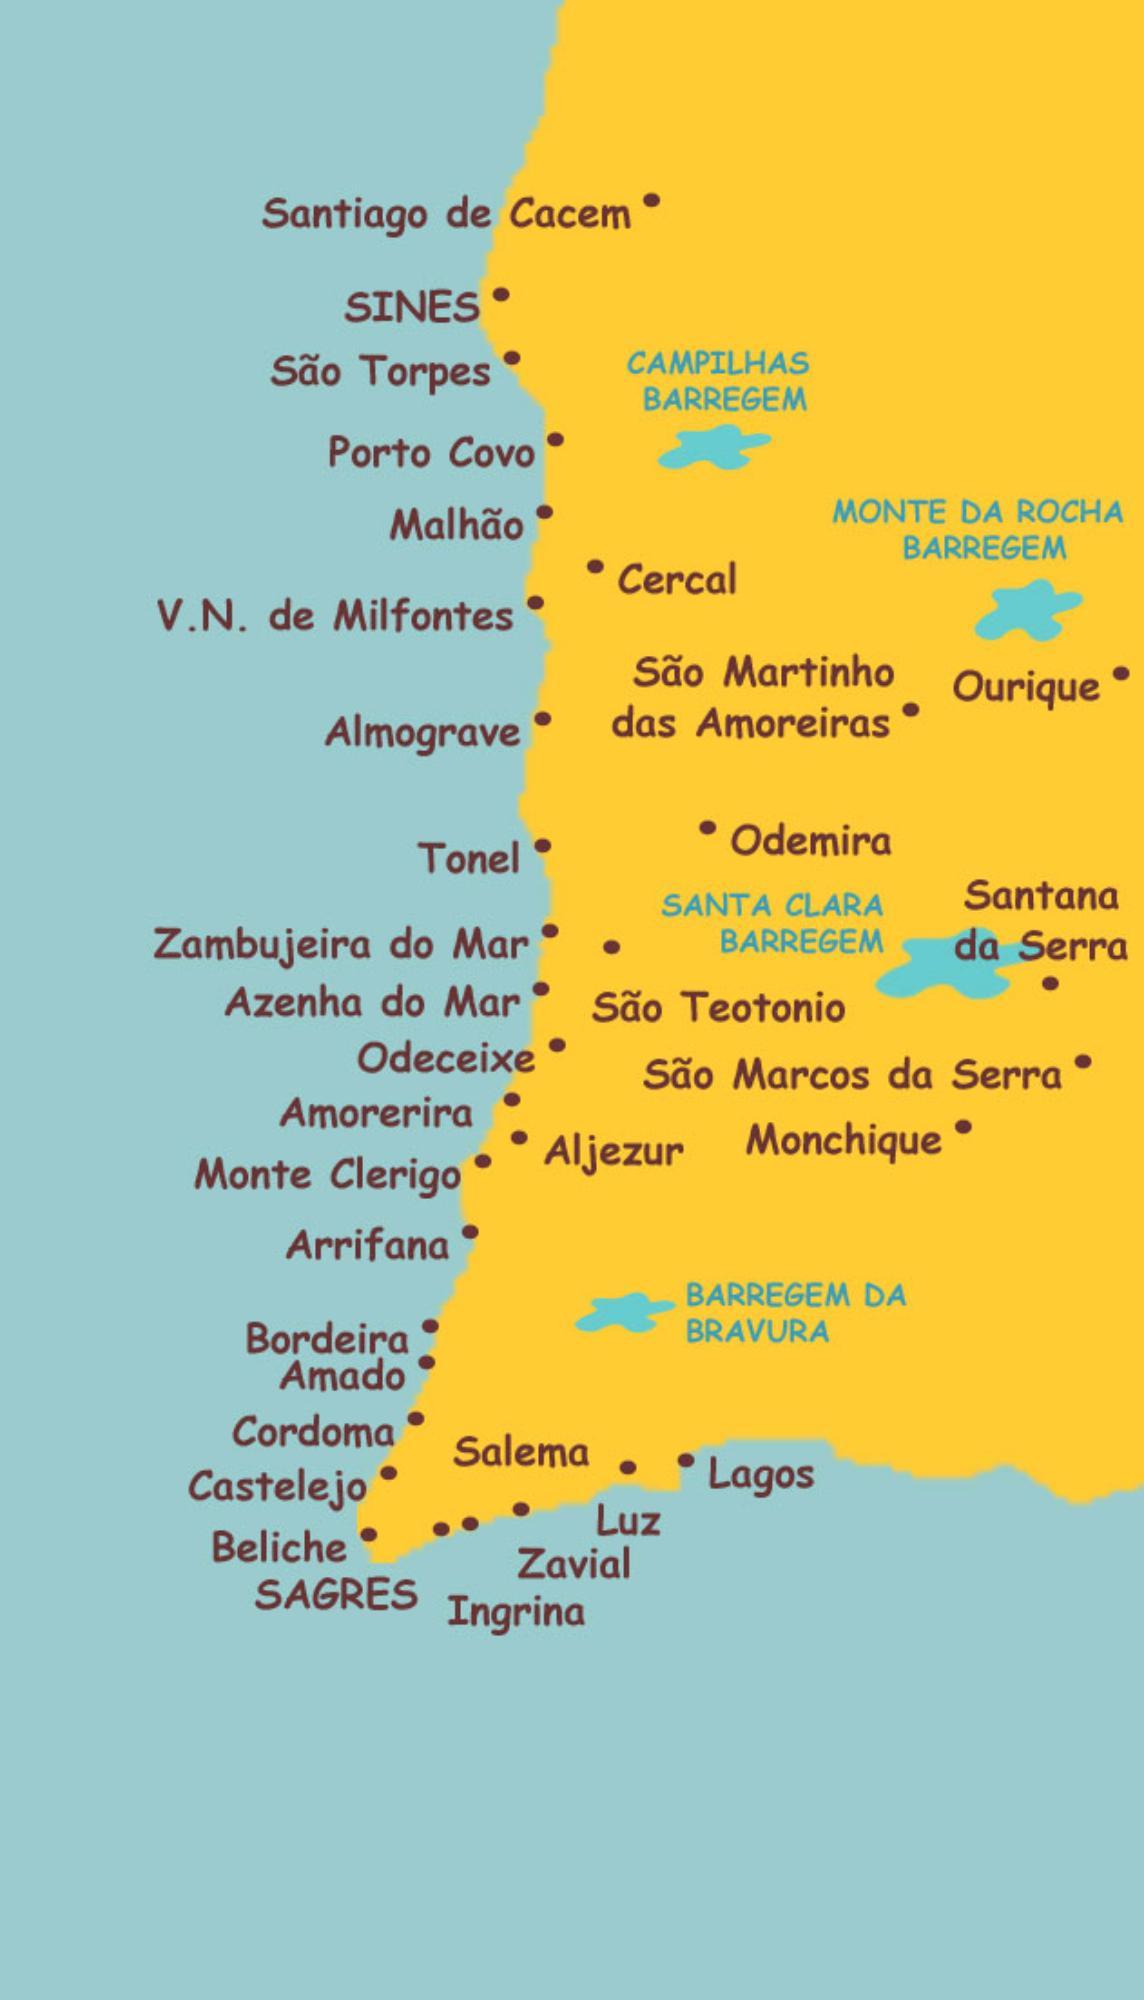 mapa de prais de portugal Portugal praias mapa   Mapa de Portugal praias do Sul da Europa  mapa de prais de portugal